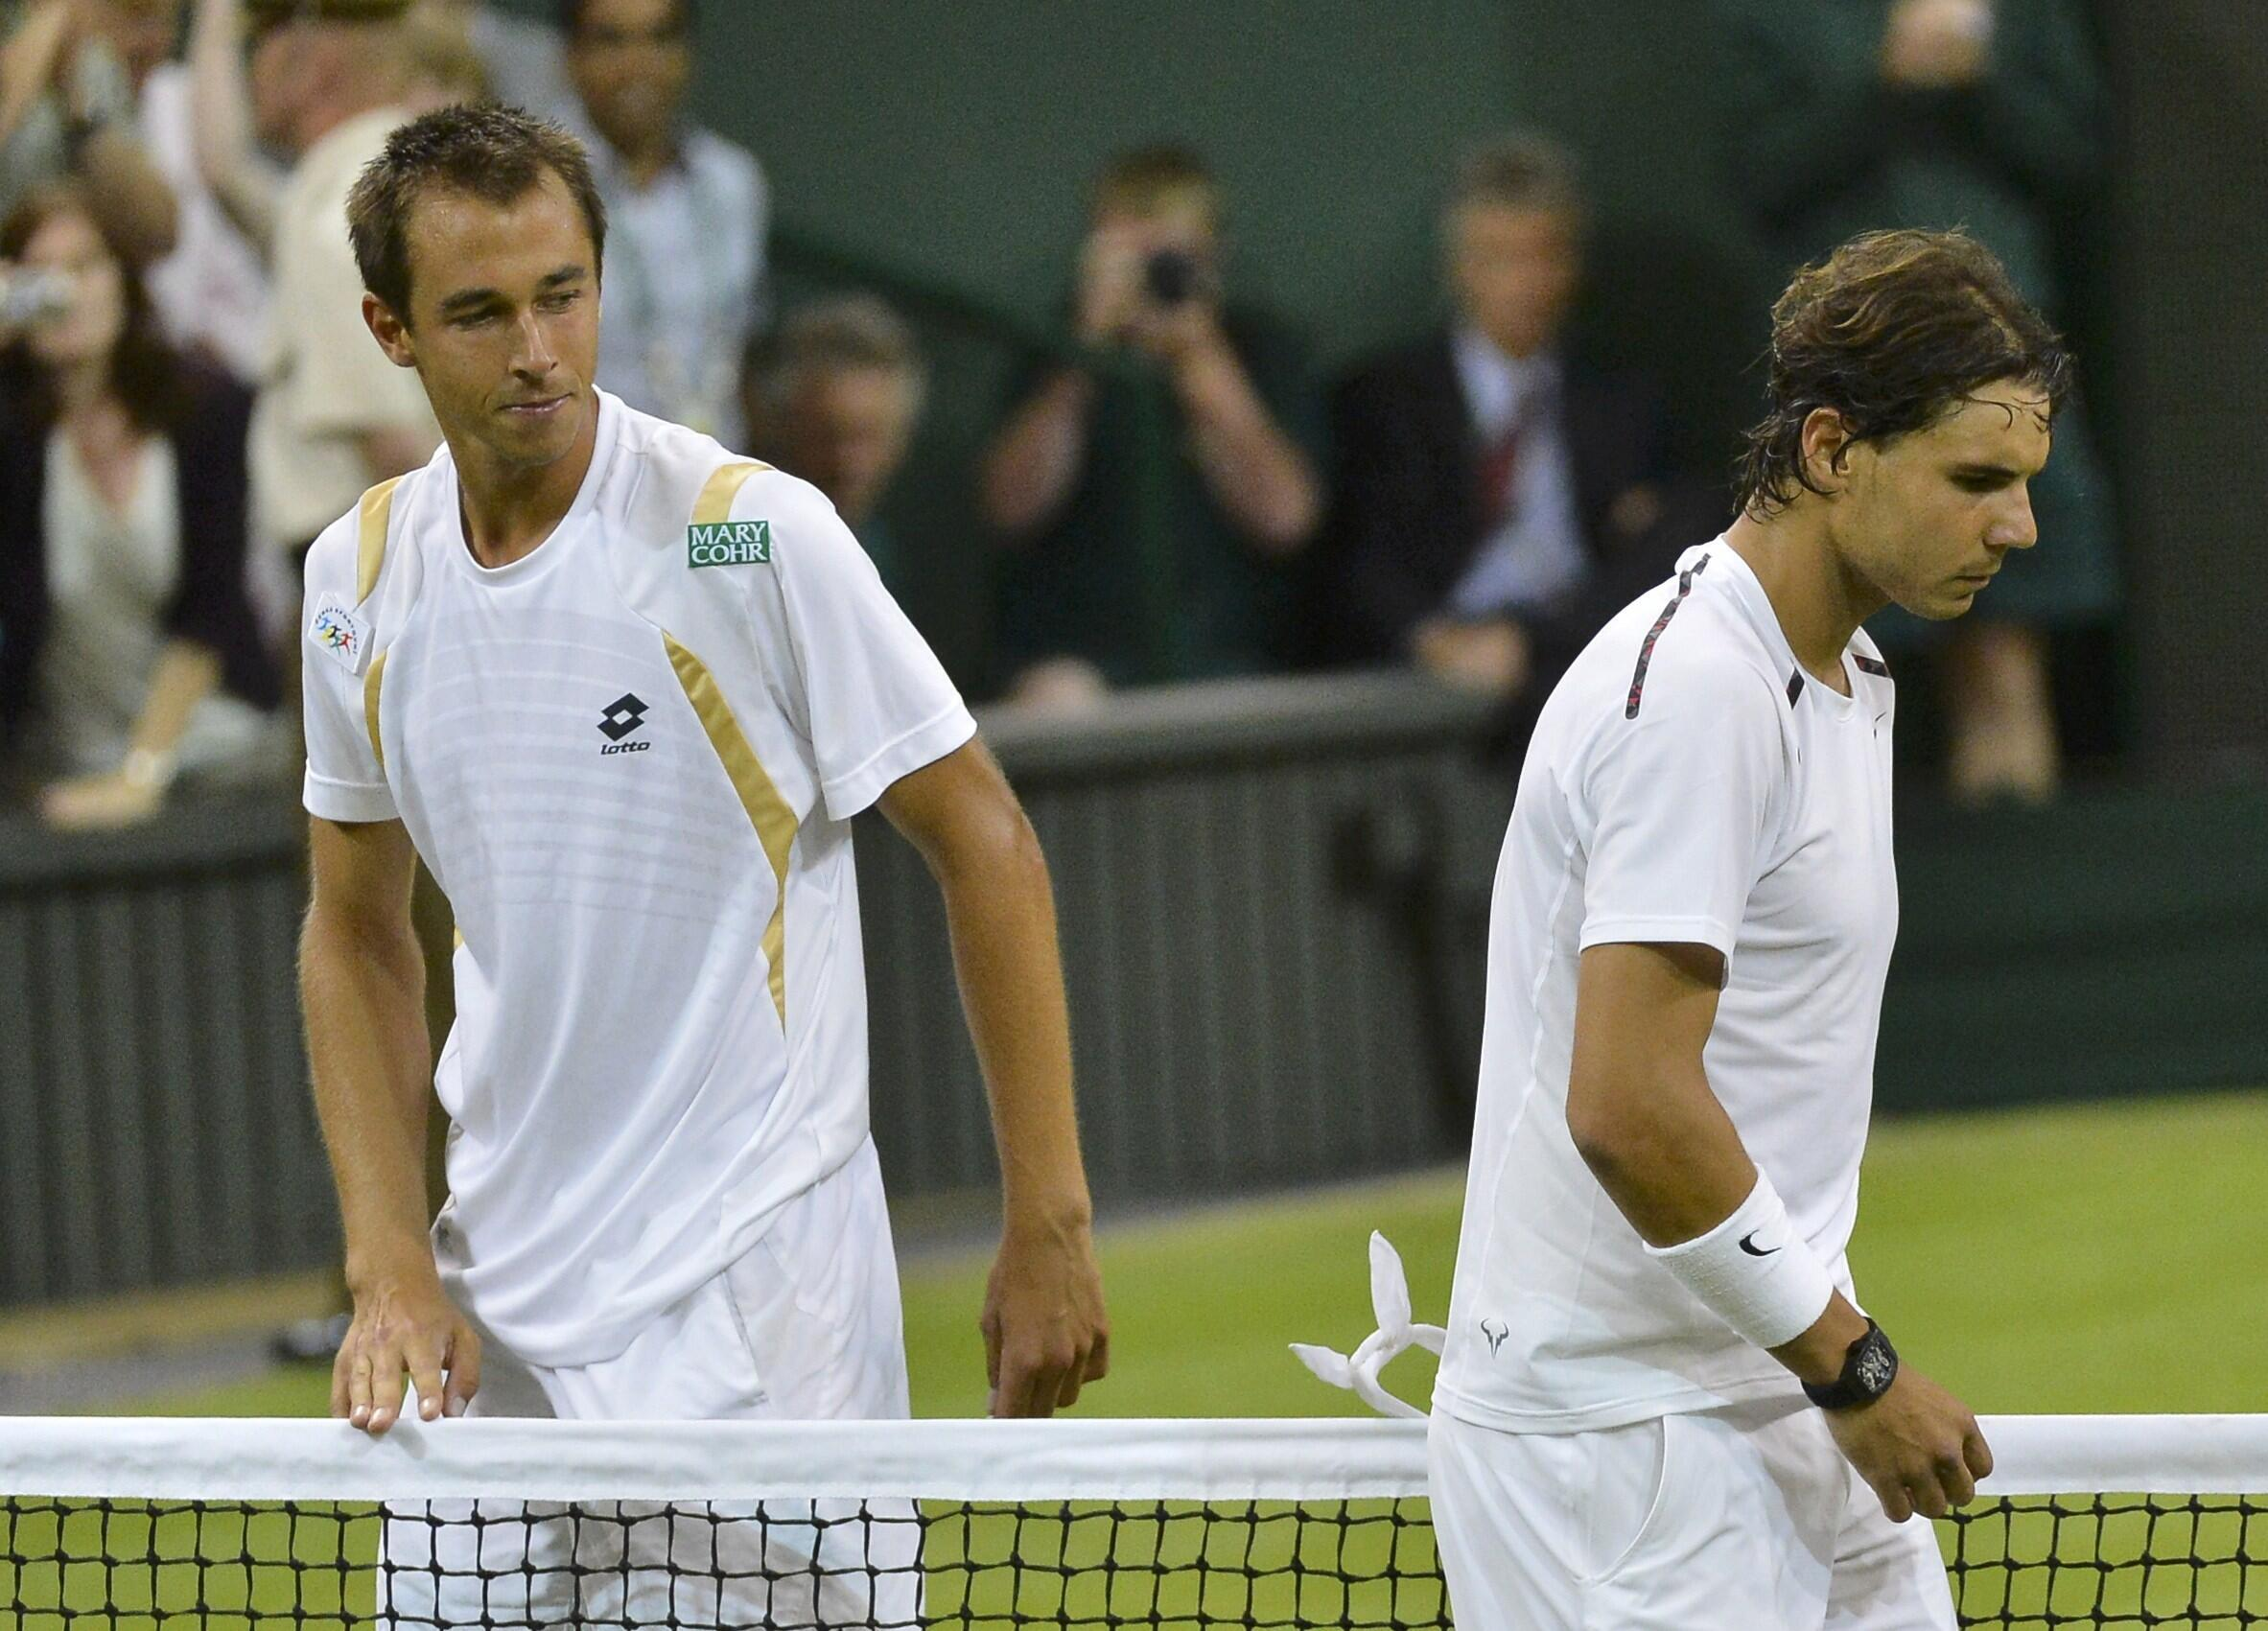 Lukas Rosol na Jamhuriyyar Czech Republic a hannun hagu wanda ya doke  Rafael Nadal na Spain  a Wimbledon